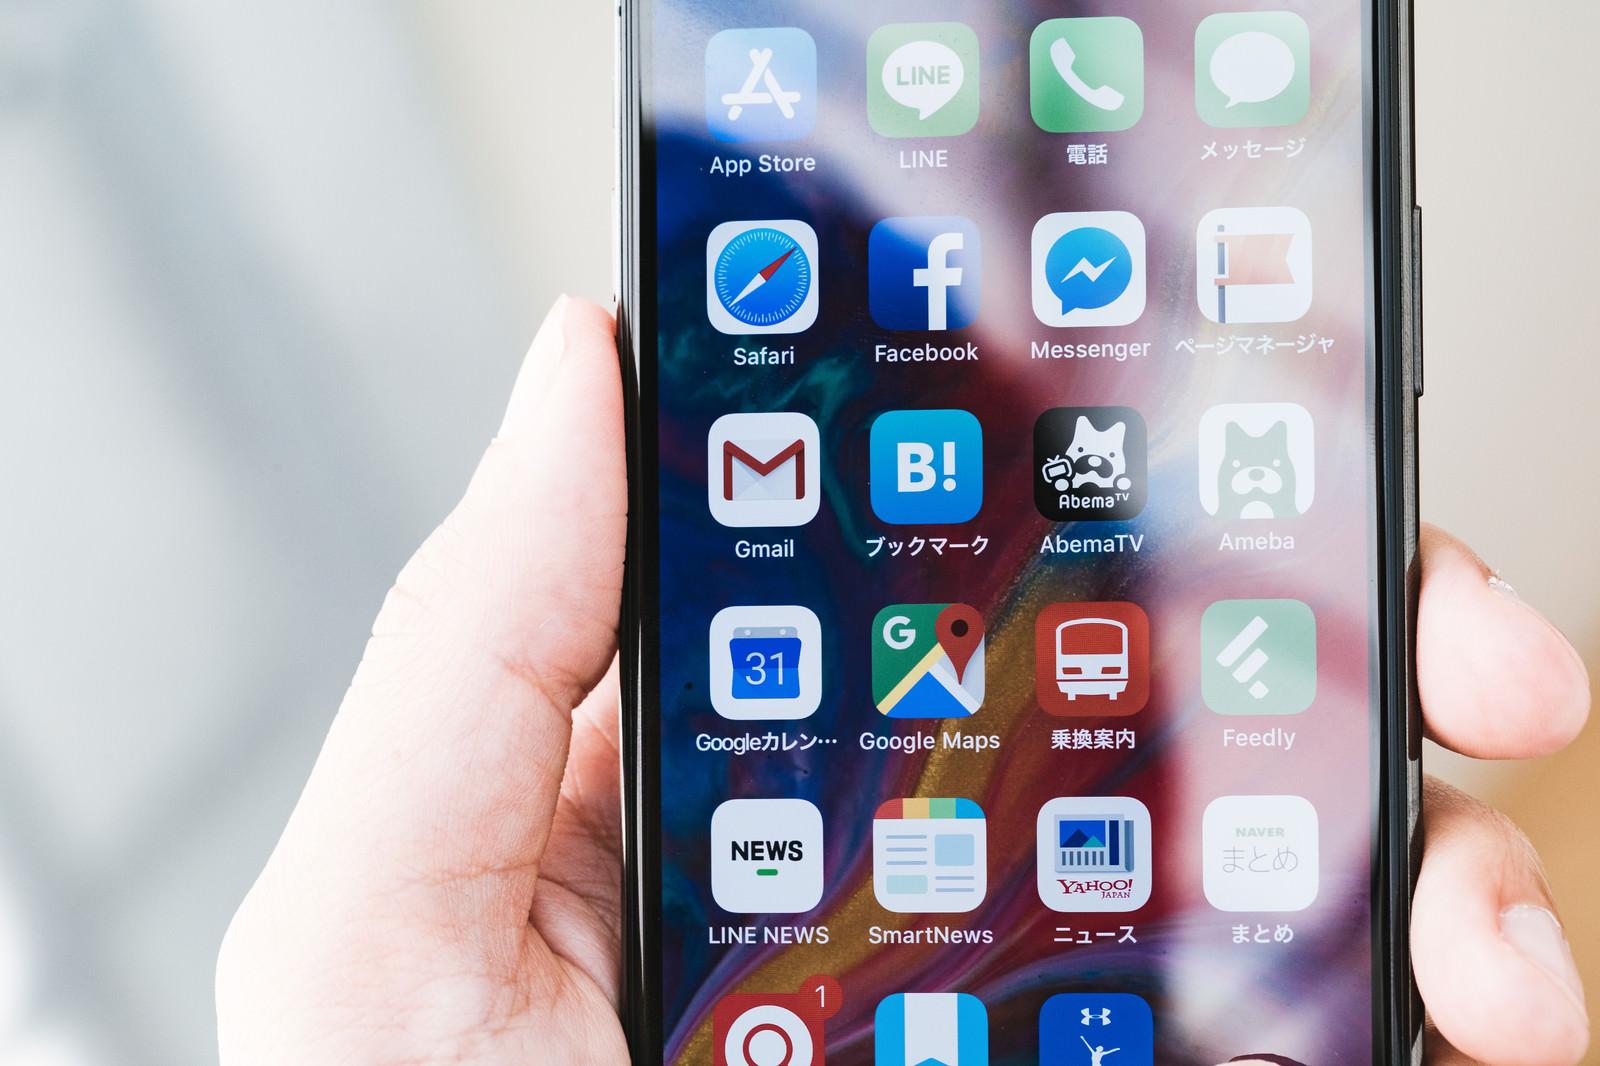 「ホーム画面に並ぶアプリホーム画面に並ぶアプリ」のフリー写真素材を拡大